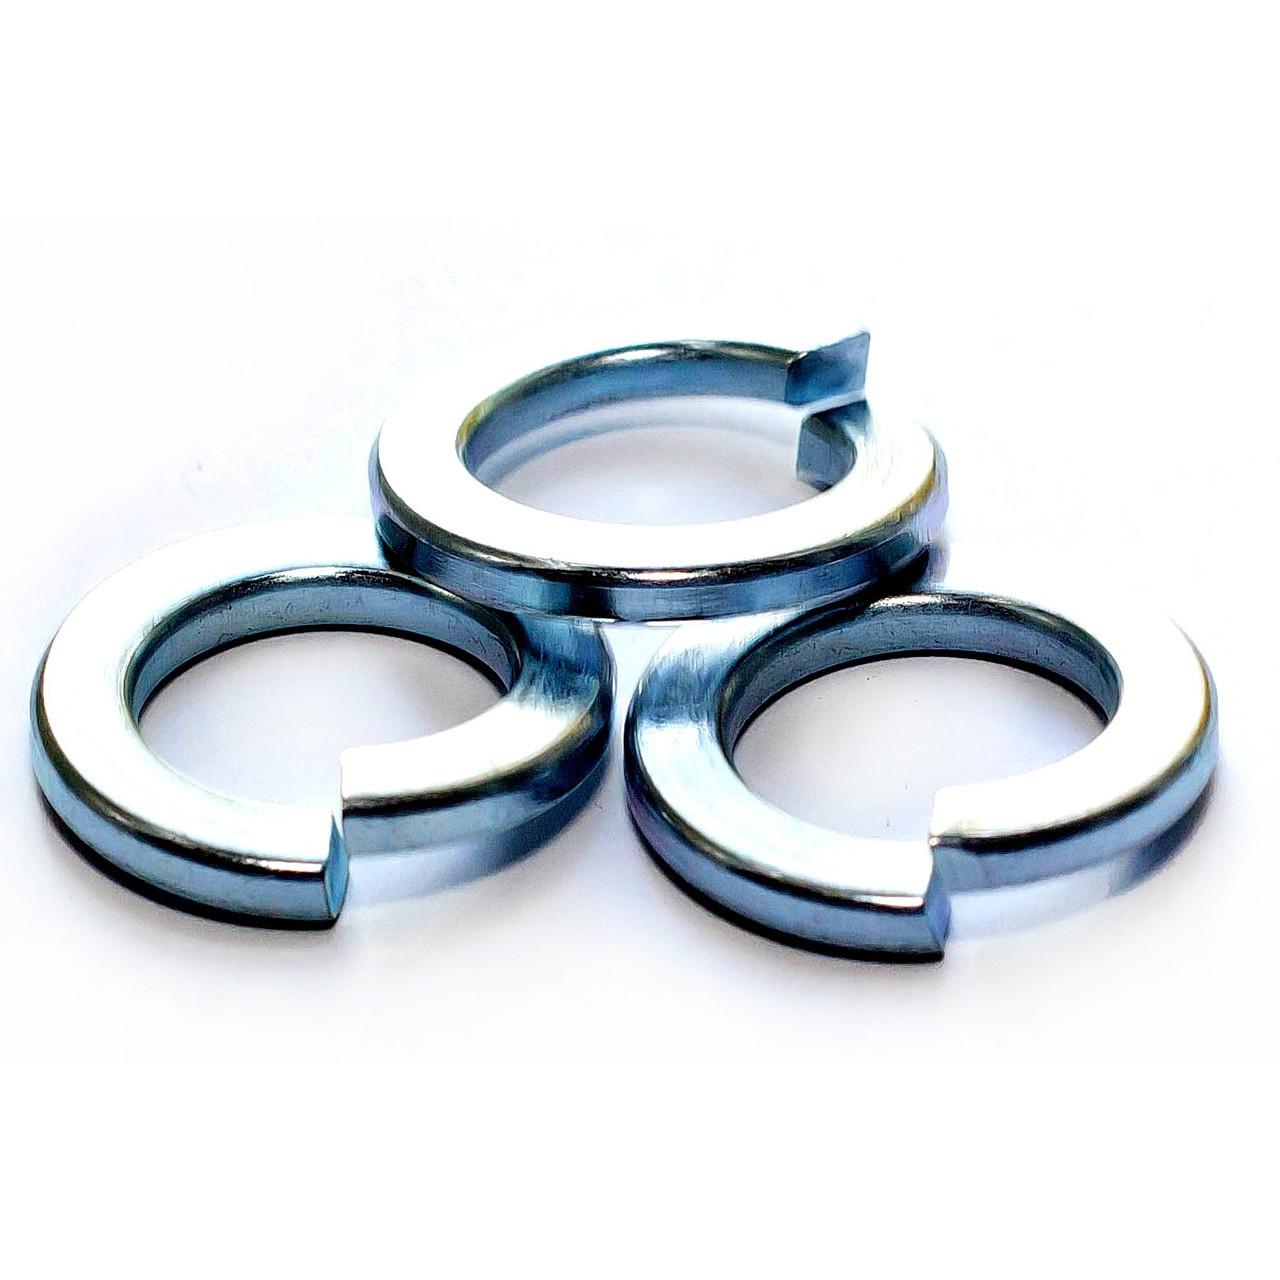 Шайба пружинная М2 ➜ 1000 шт/упак ➜ Гровер стальной оцинкованный ➜ Пружинні шайби